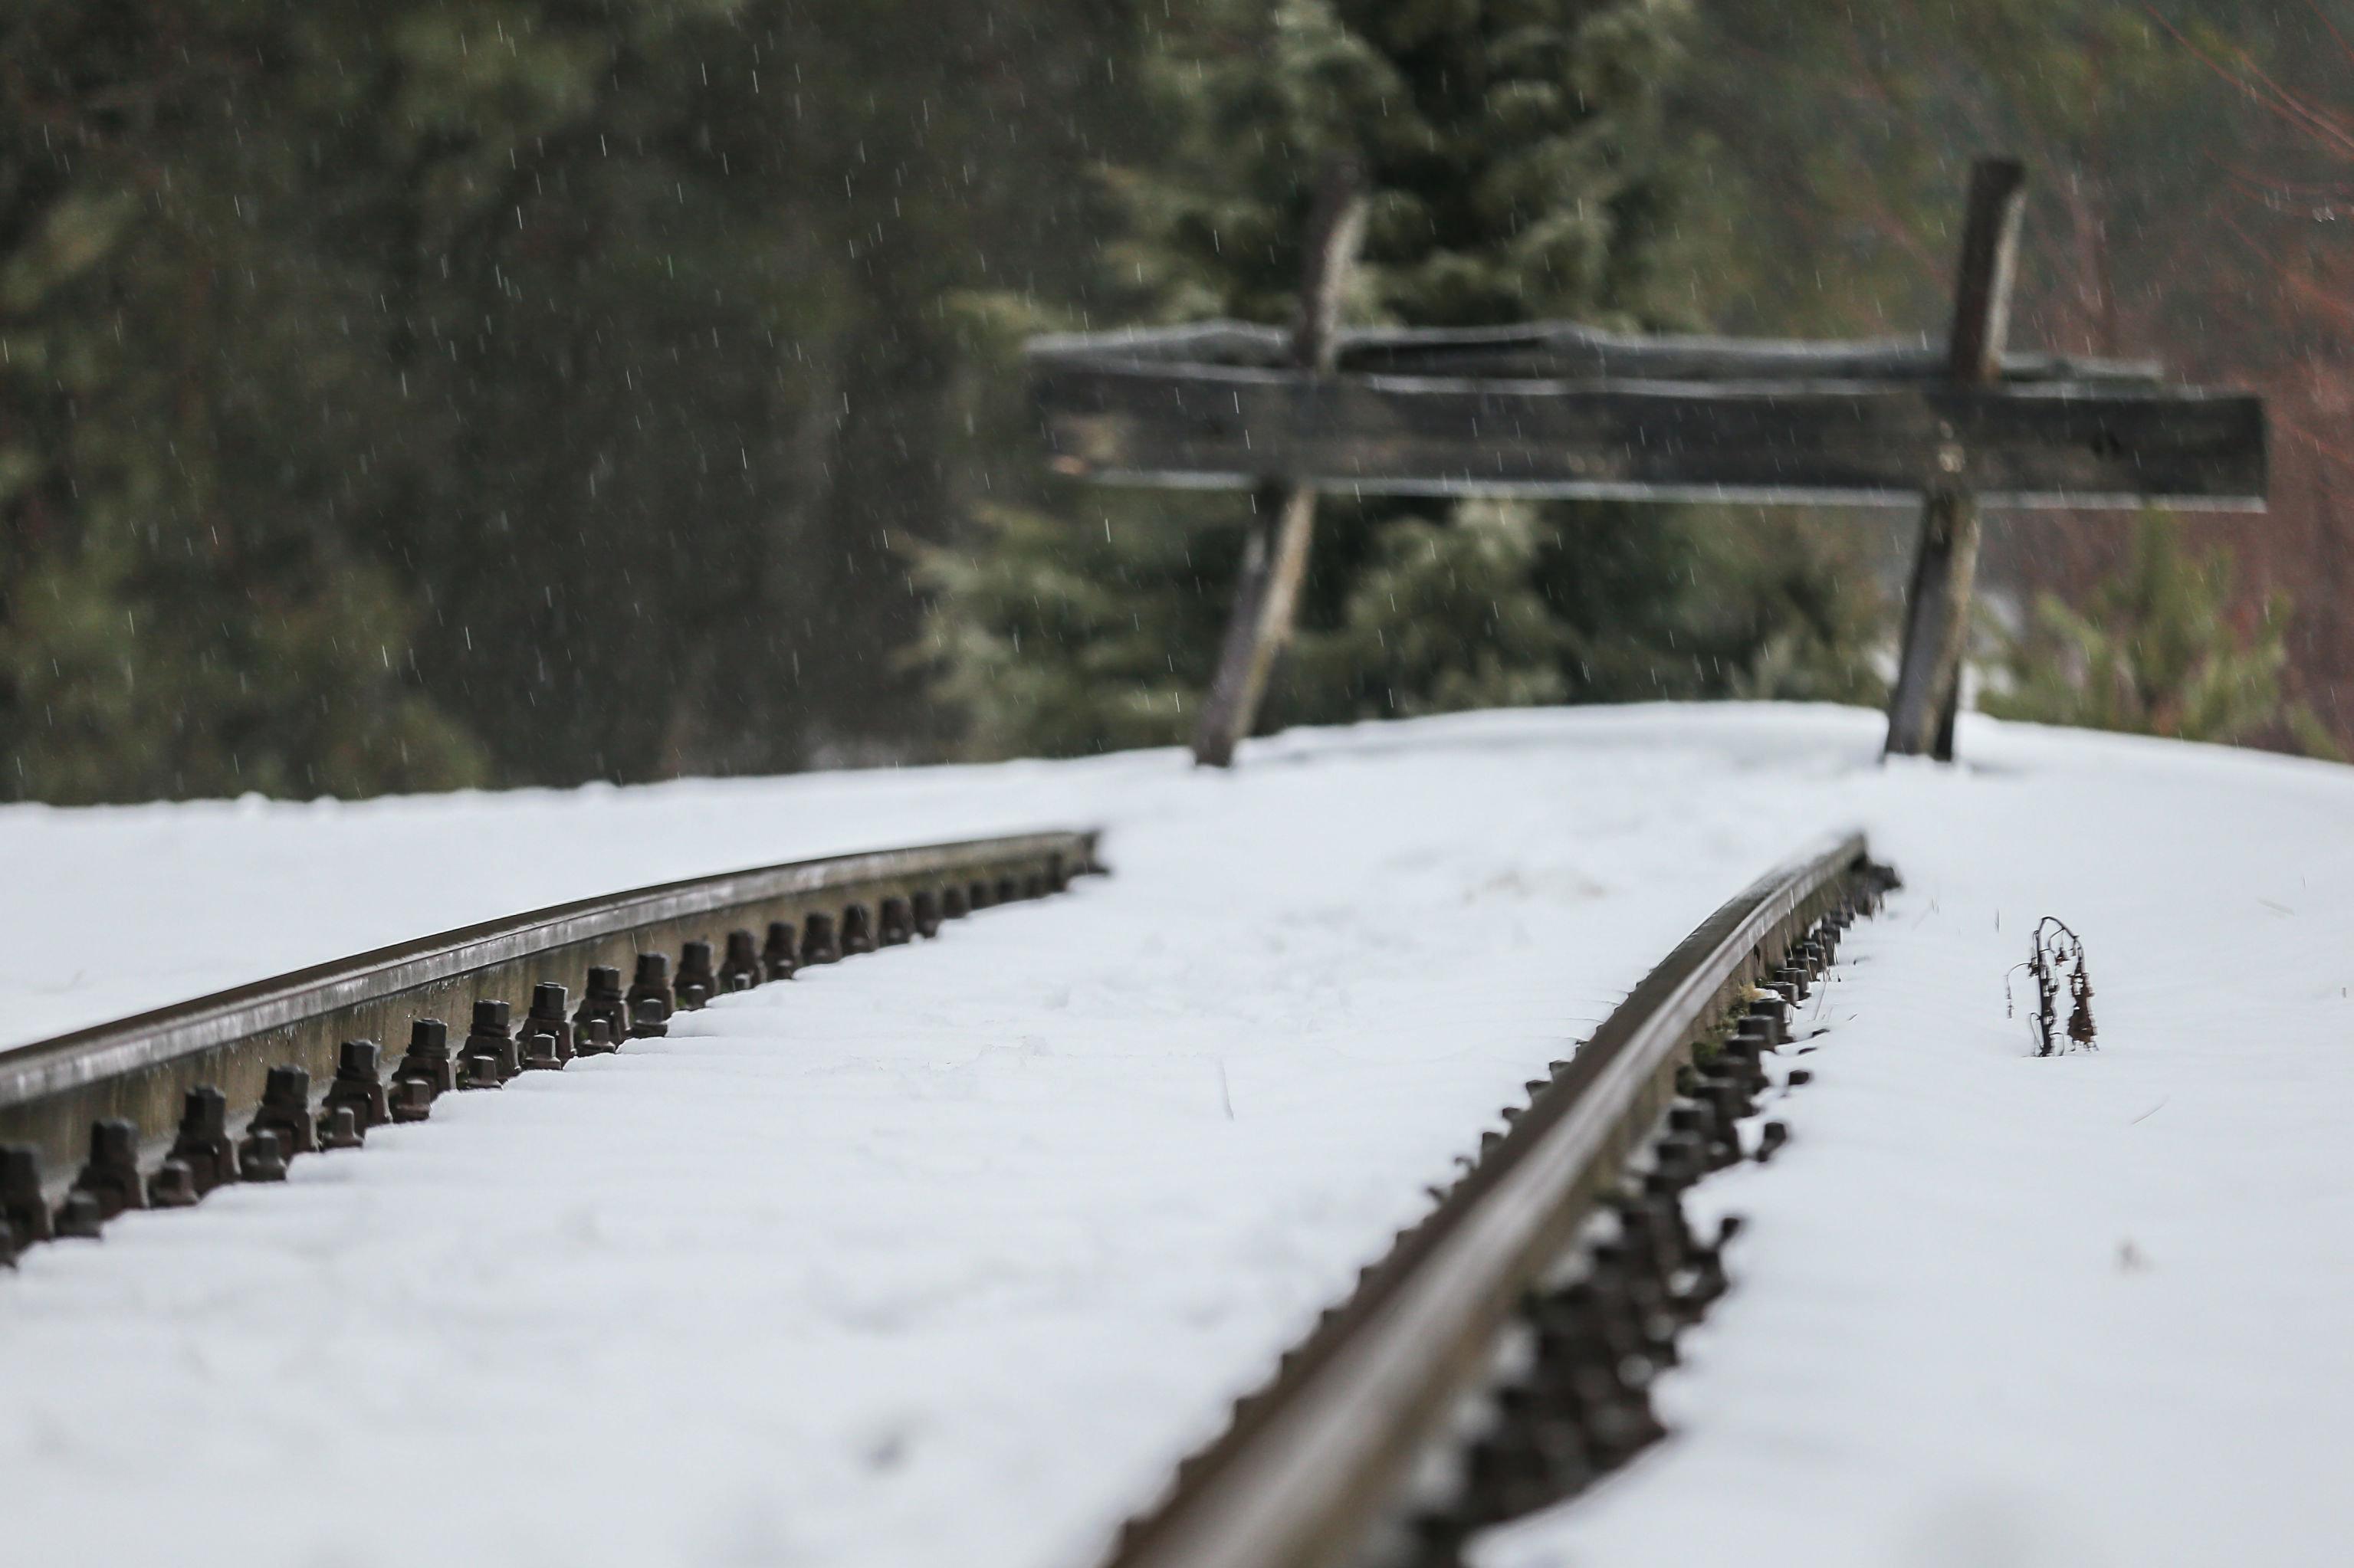 Bocznica kolejowa stacji Sobibór - miejsce rozładunku więźniów niedaleko obozu zagłady w Polsce